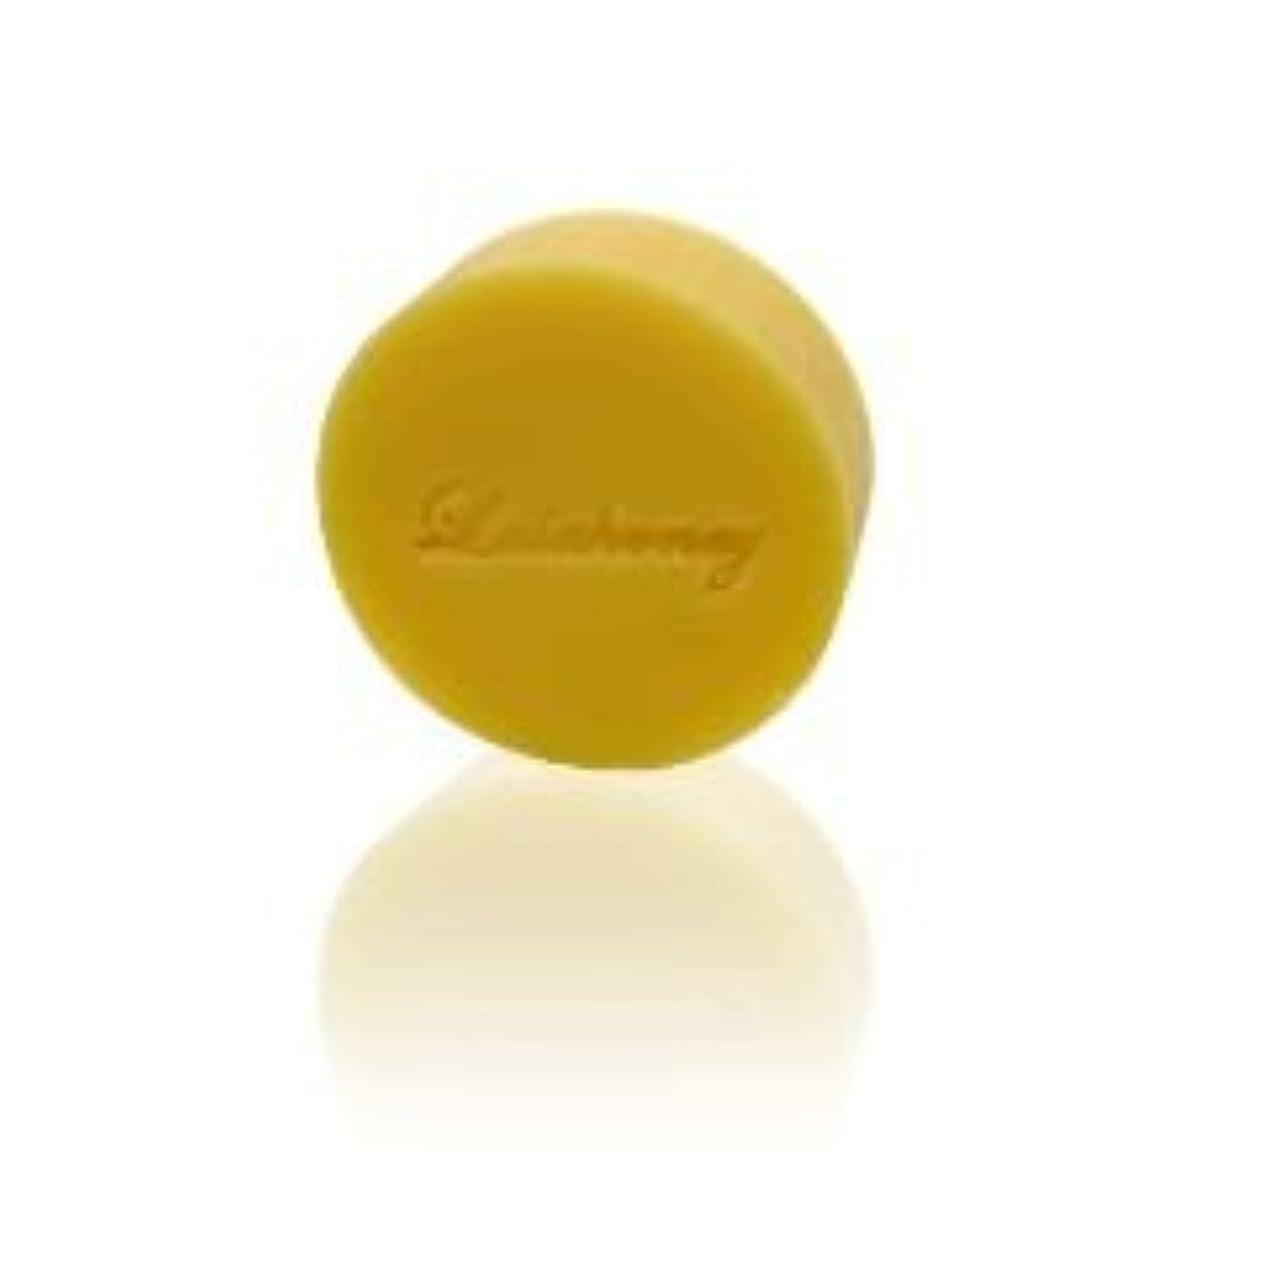 おっと標高うめき声LALAHONEY 石鹸〈柚子の香り〉40g【手作りでシンプルなコールドプロセス製法】